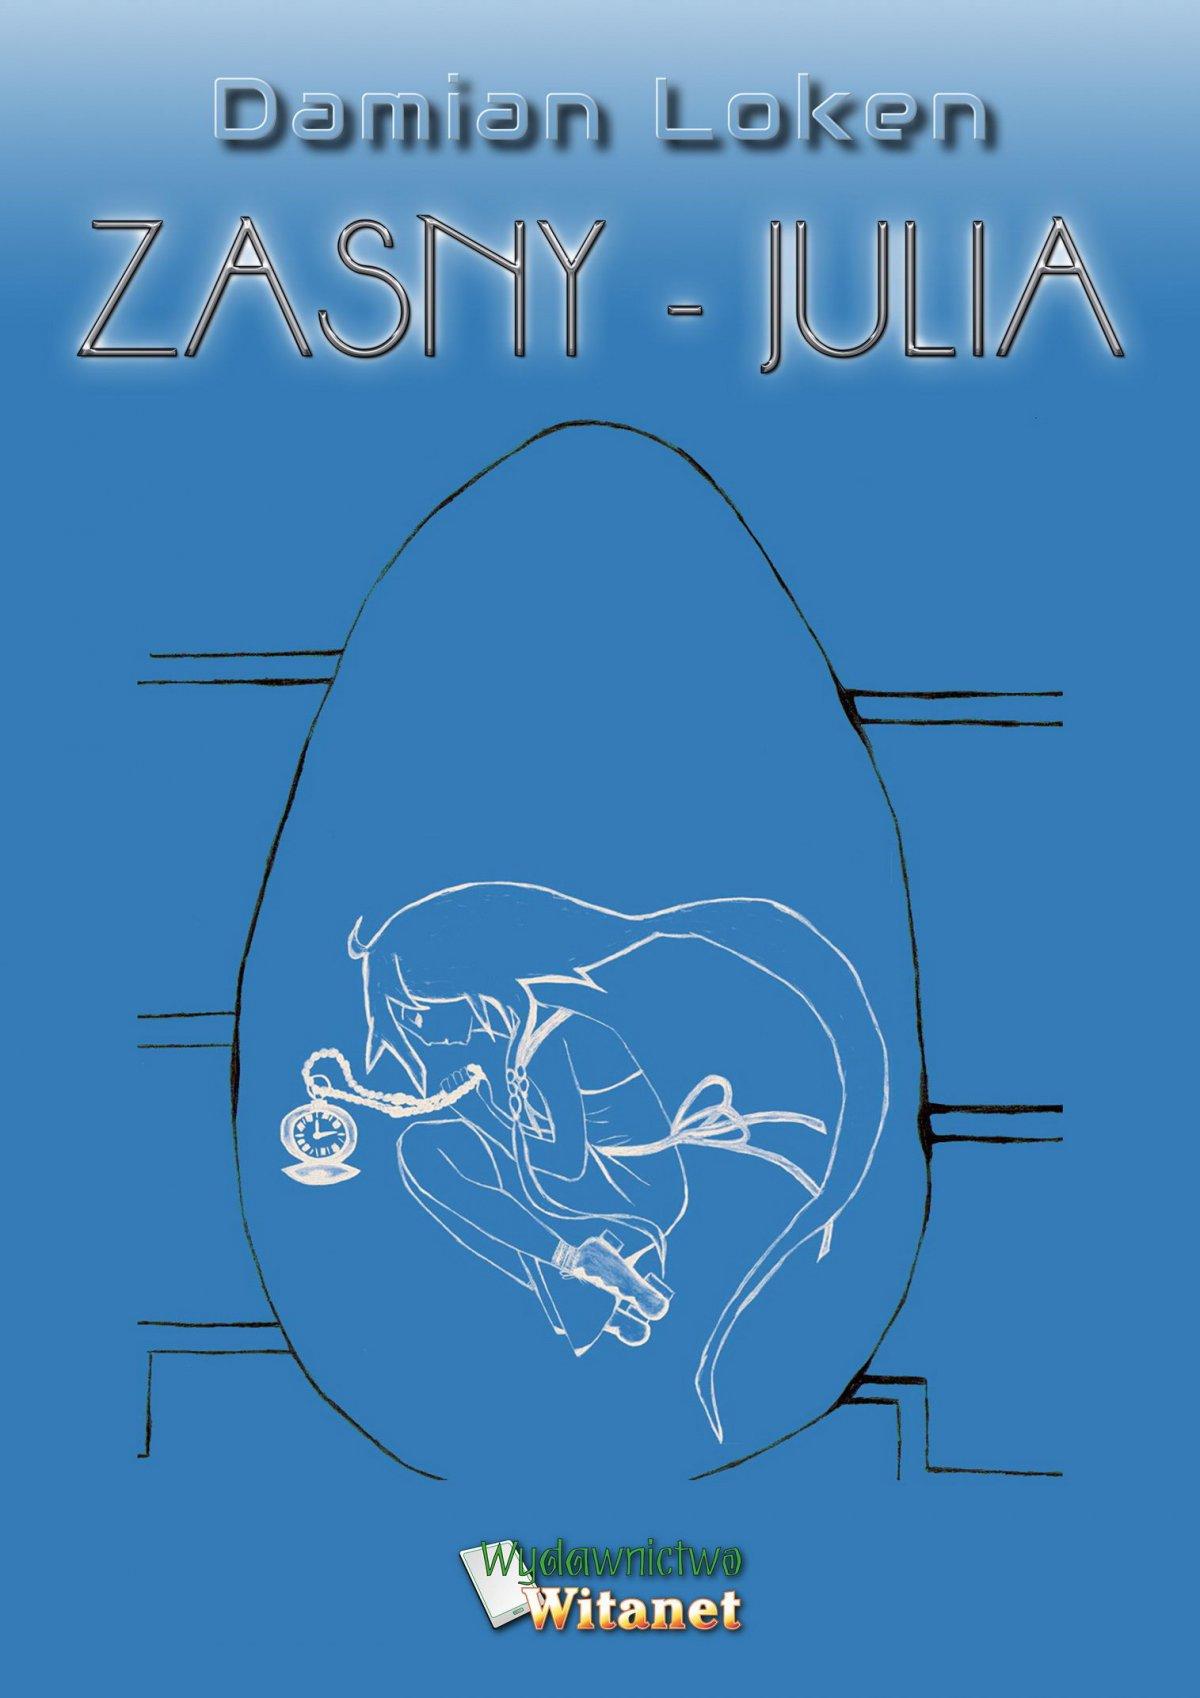 Zasny - Julia - Ebook (Książka EPUB) do pobrania w formacie EPUB